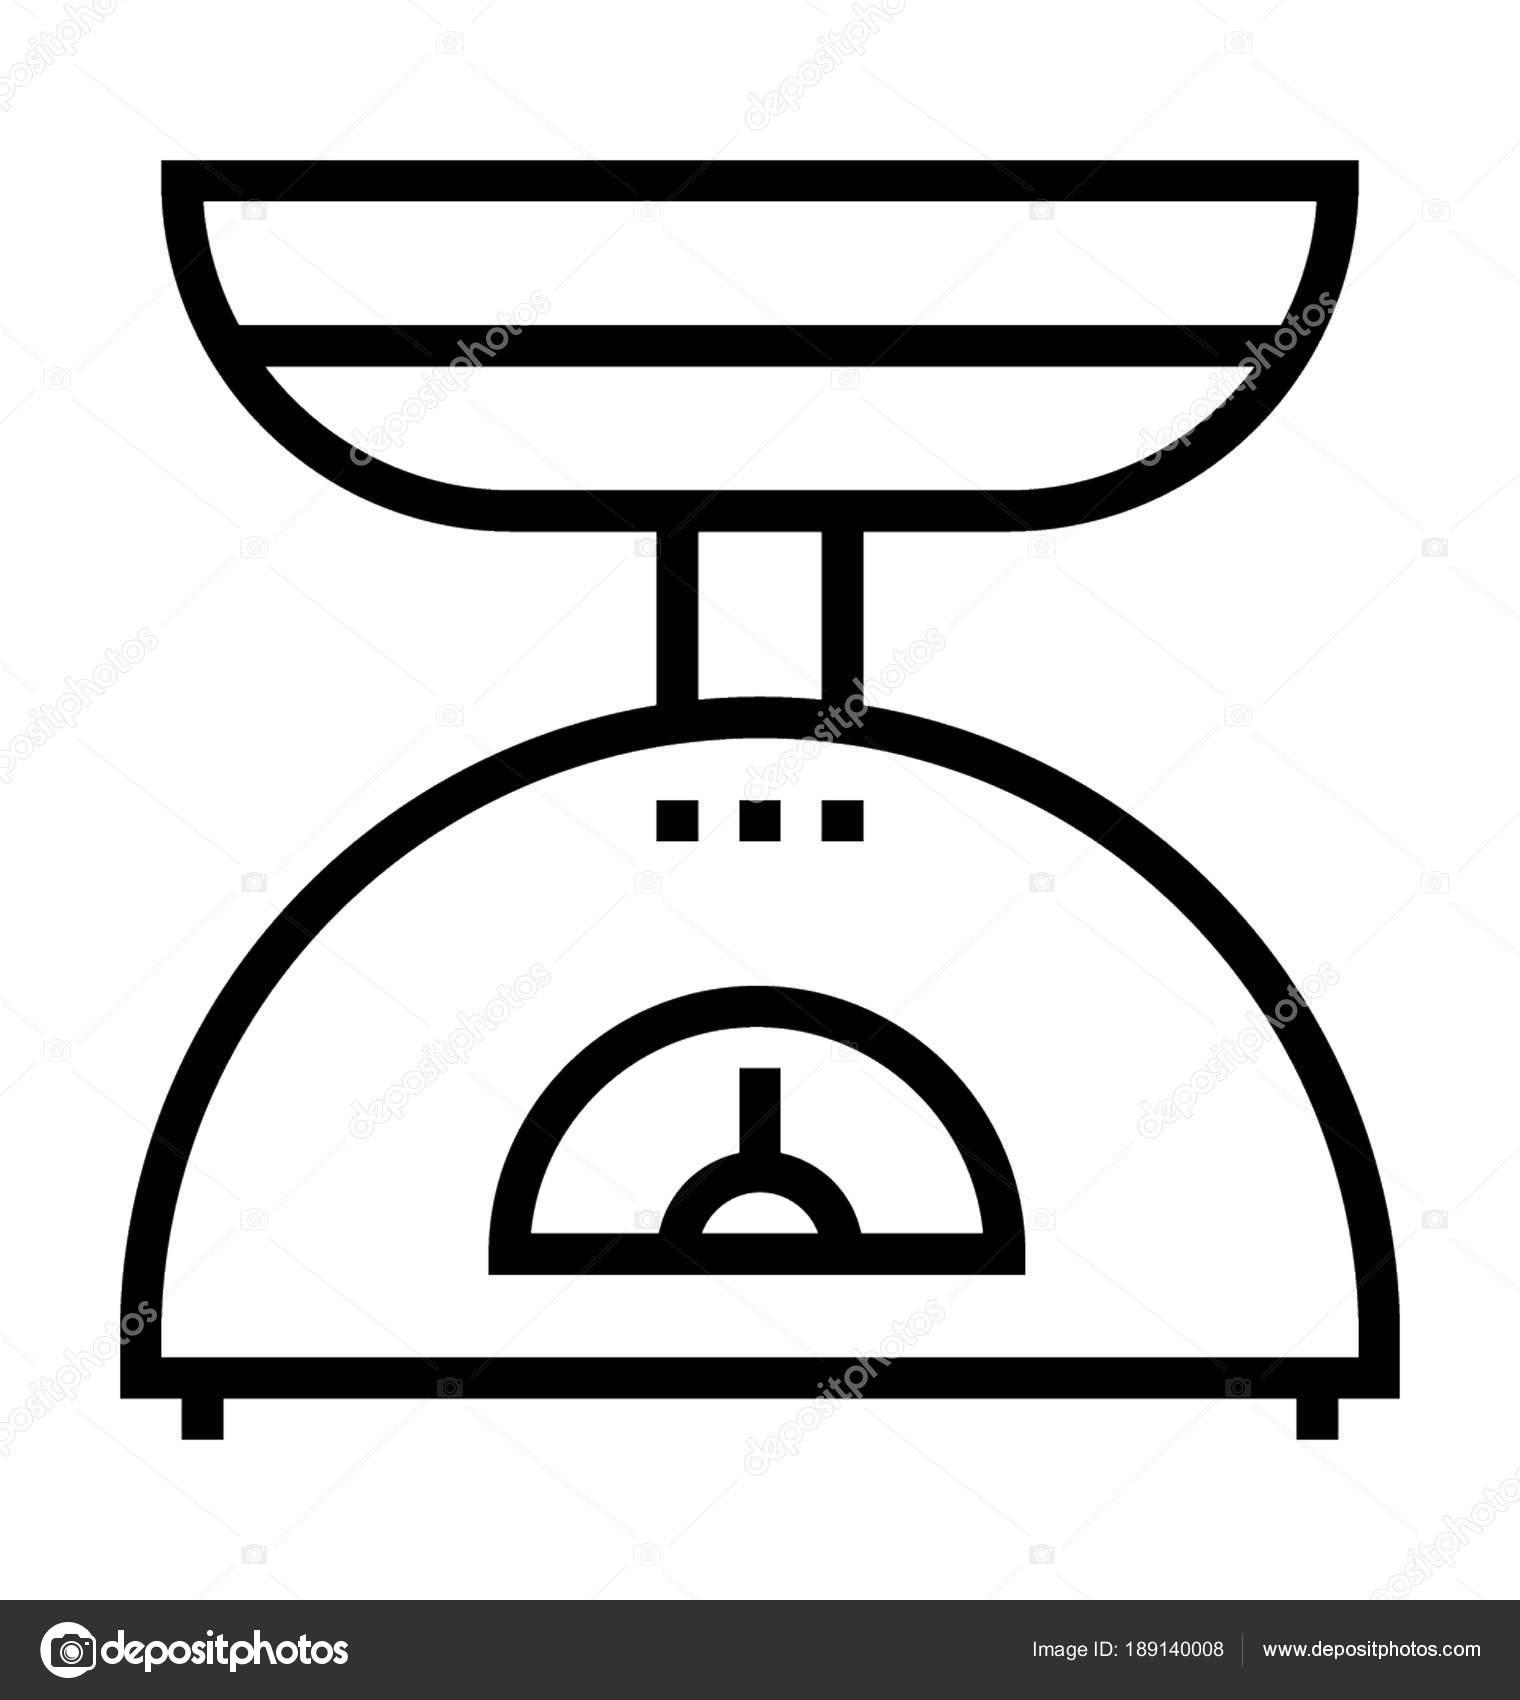 Balance cuisine image vectorielle prosymbols 189140008 - Dessin de balance ...